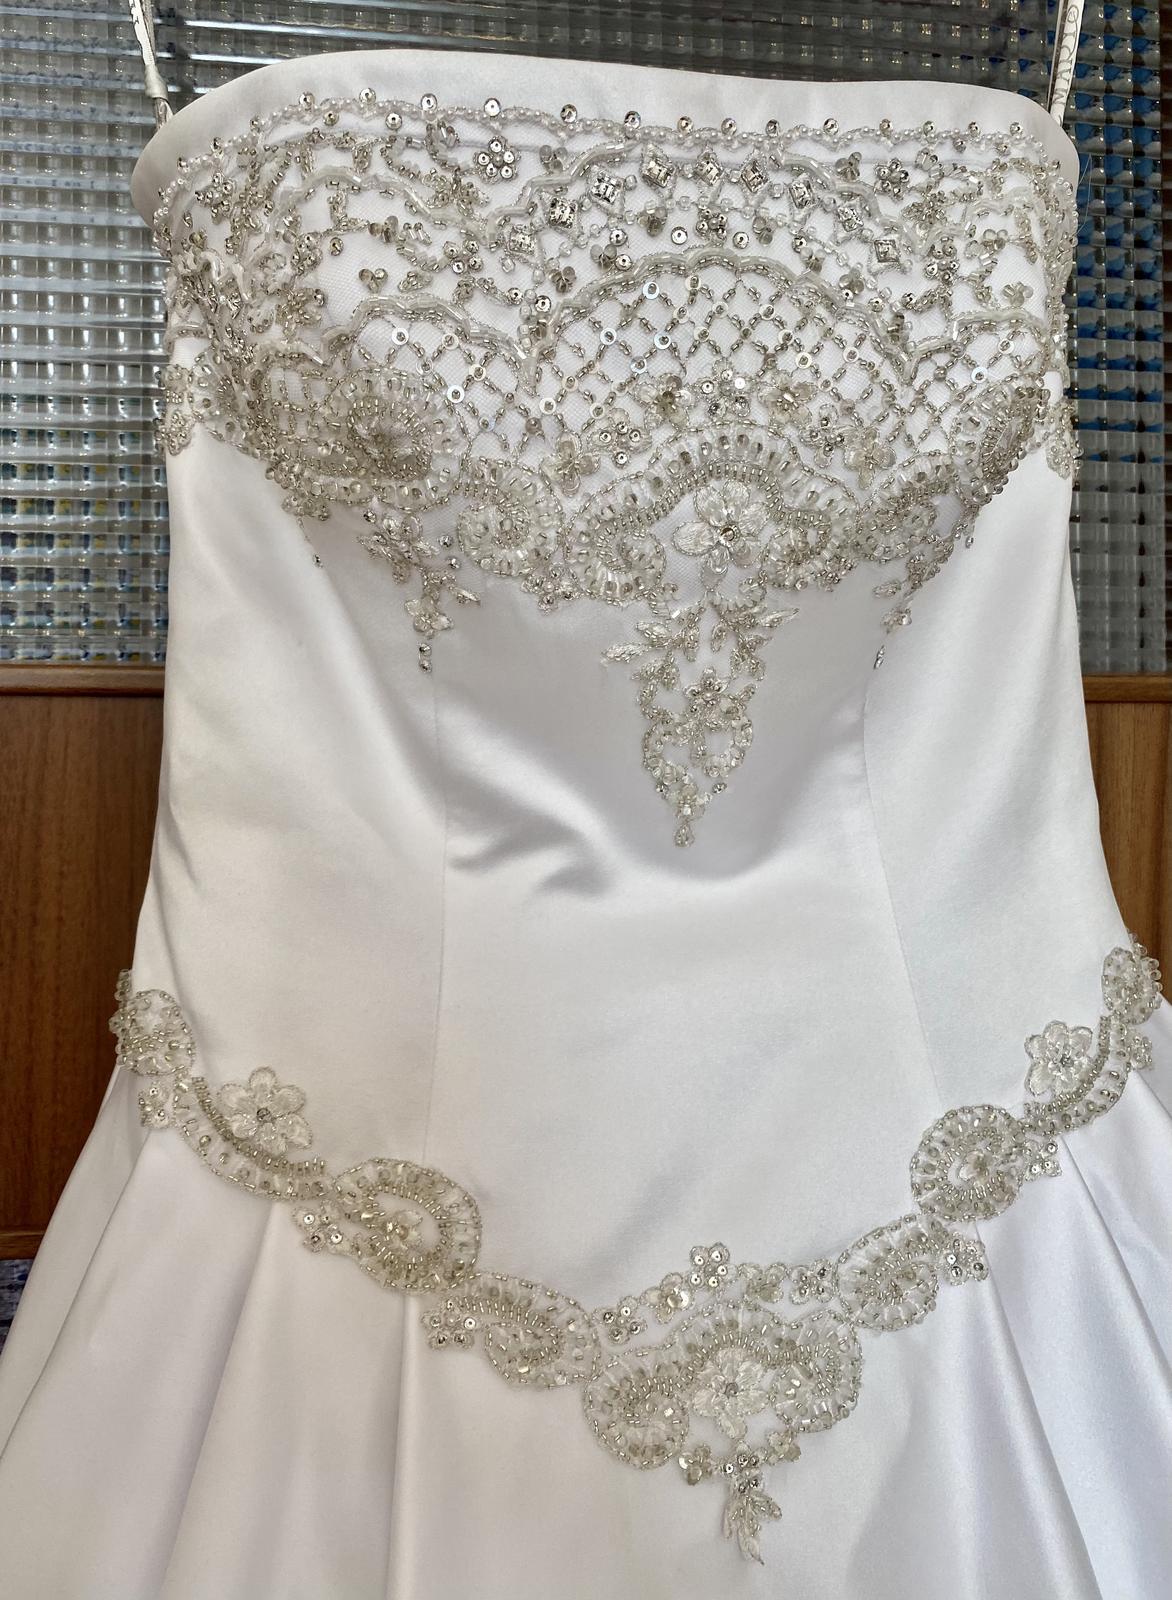 Svatební šaty - nové, bohatě zdobené - Obrázek č. 1